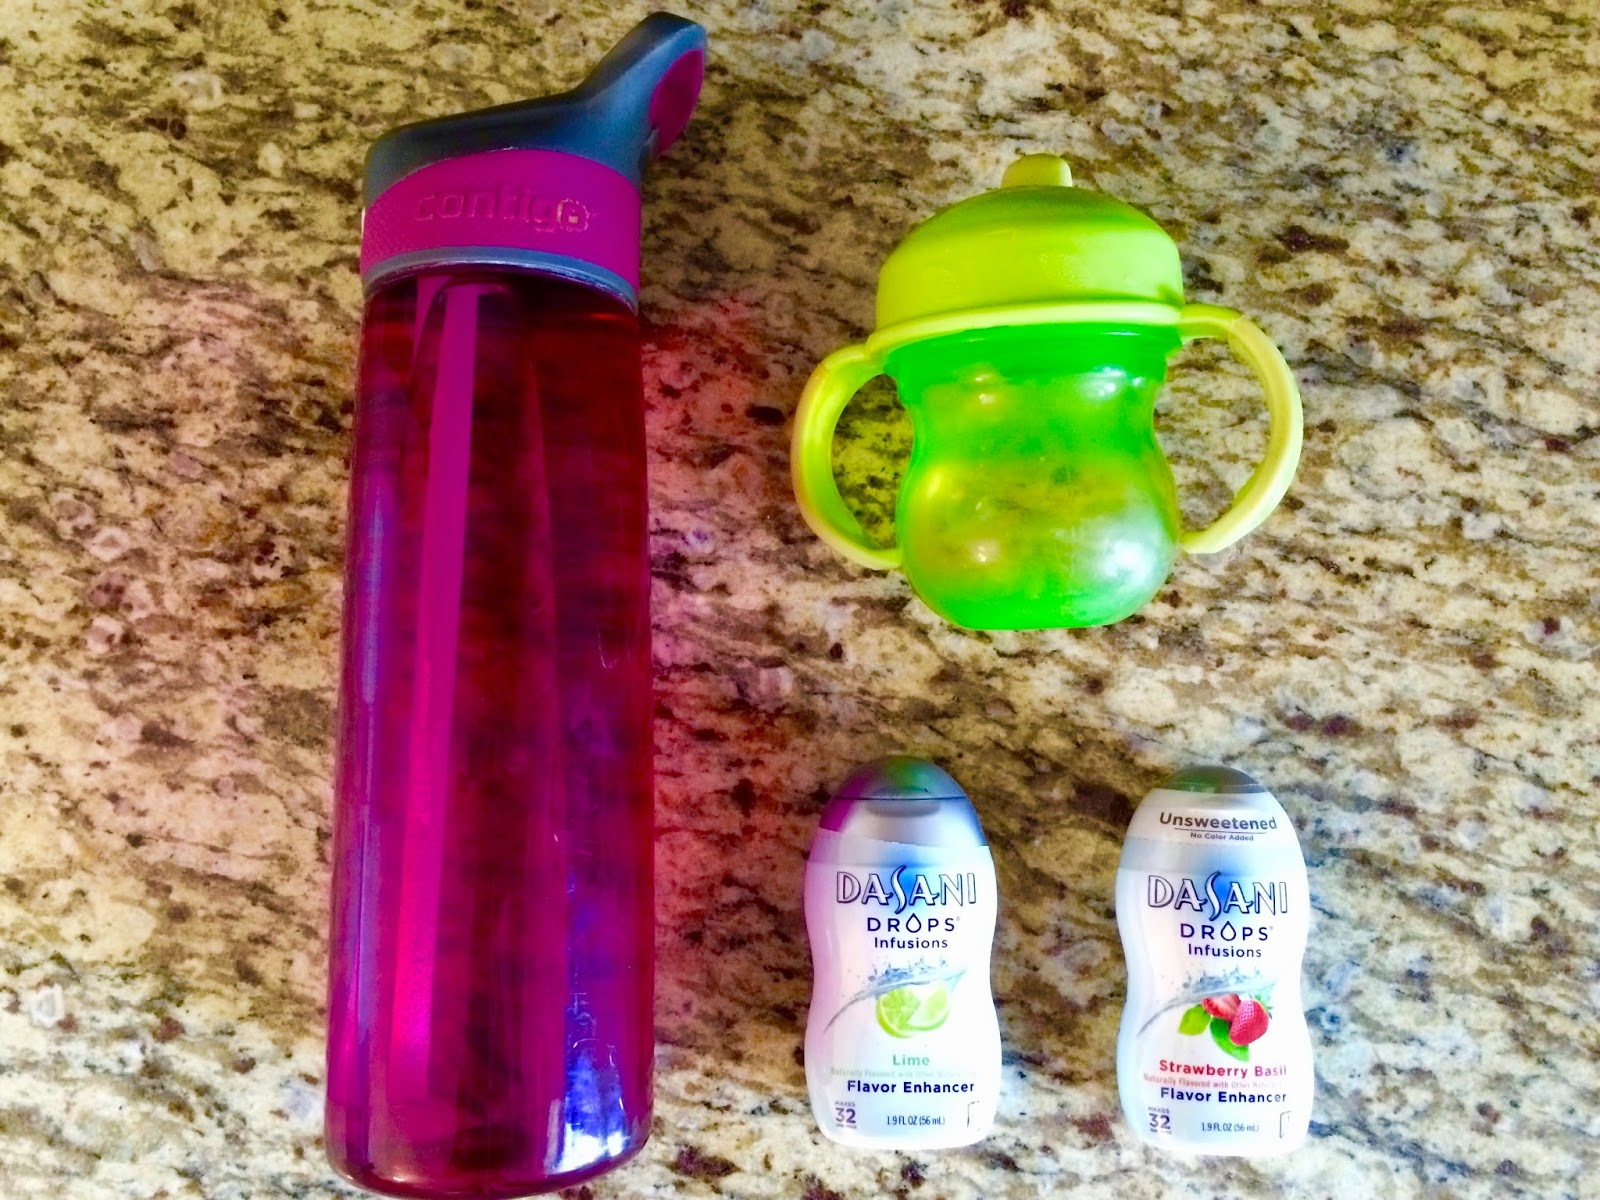 dasani, active families, flavor enhancer